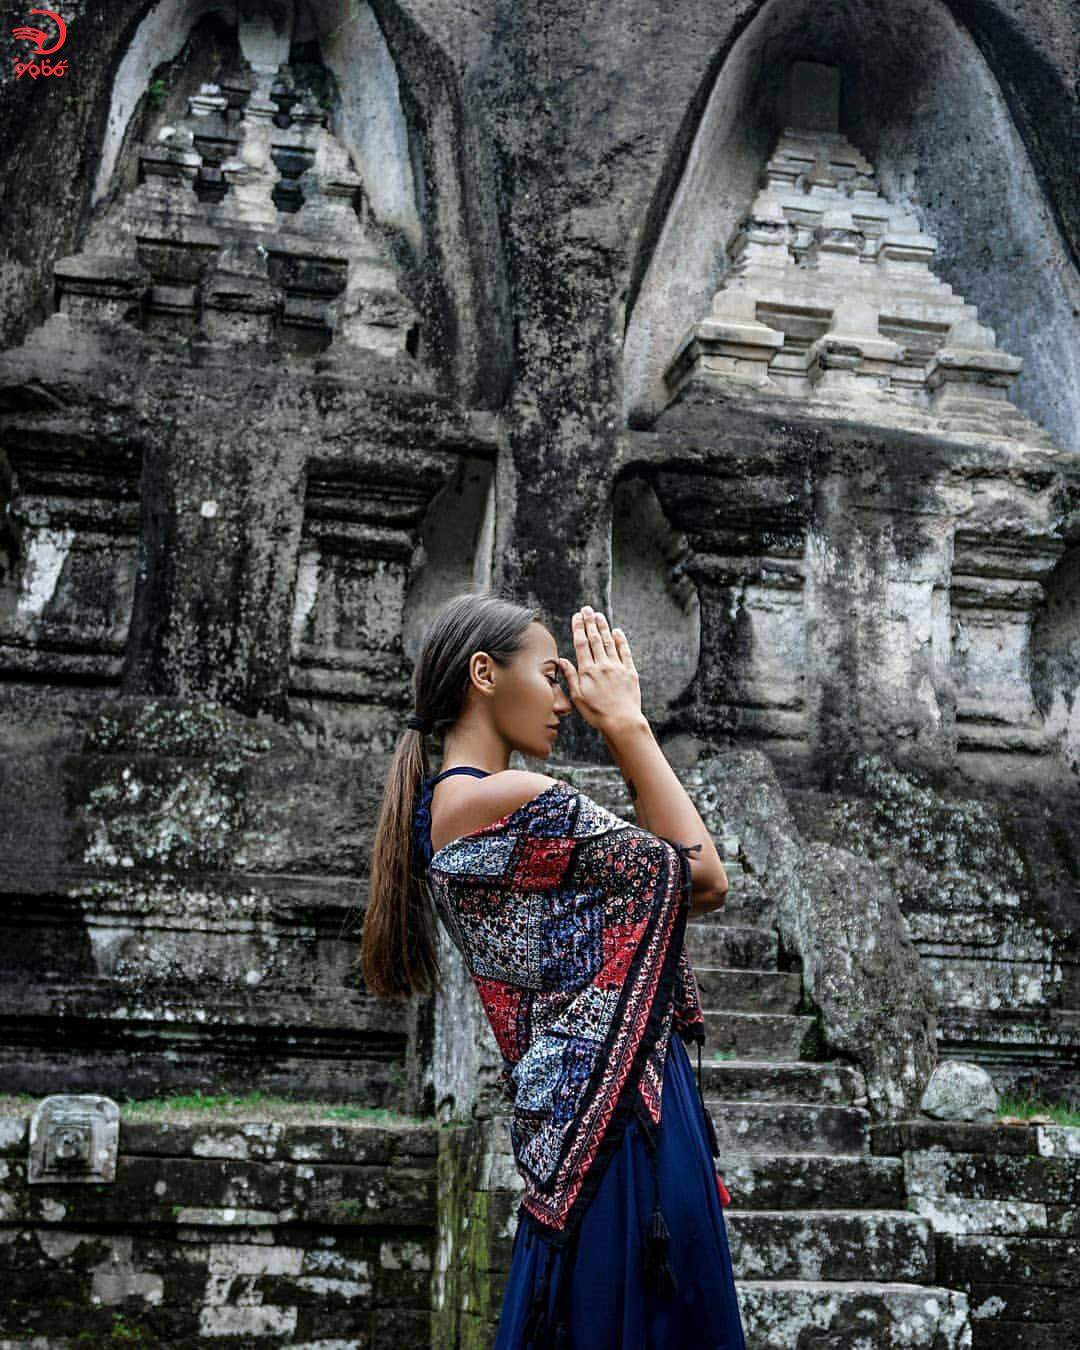 معبد گونونگ کاوی بالی